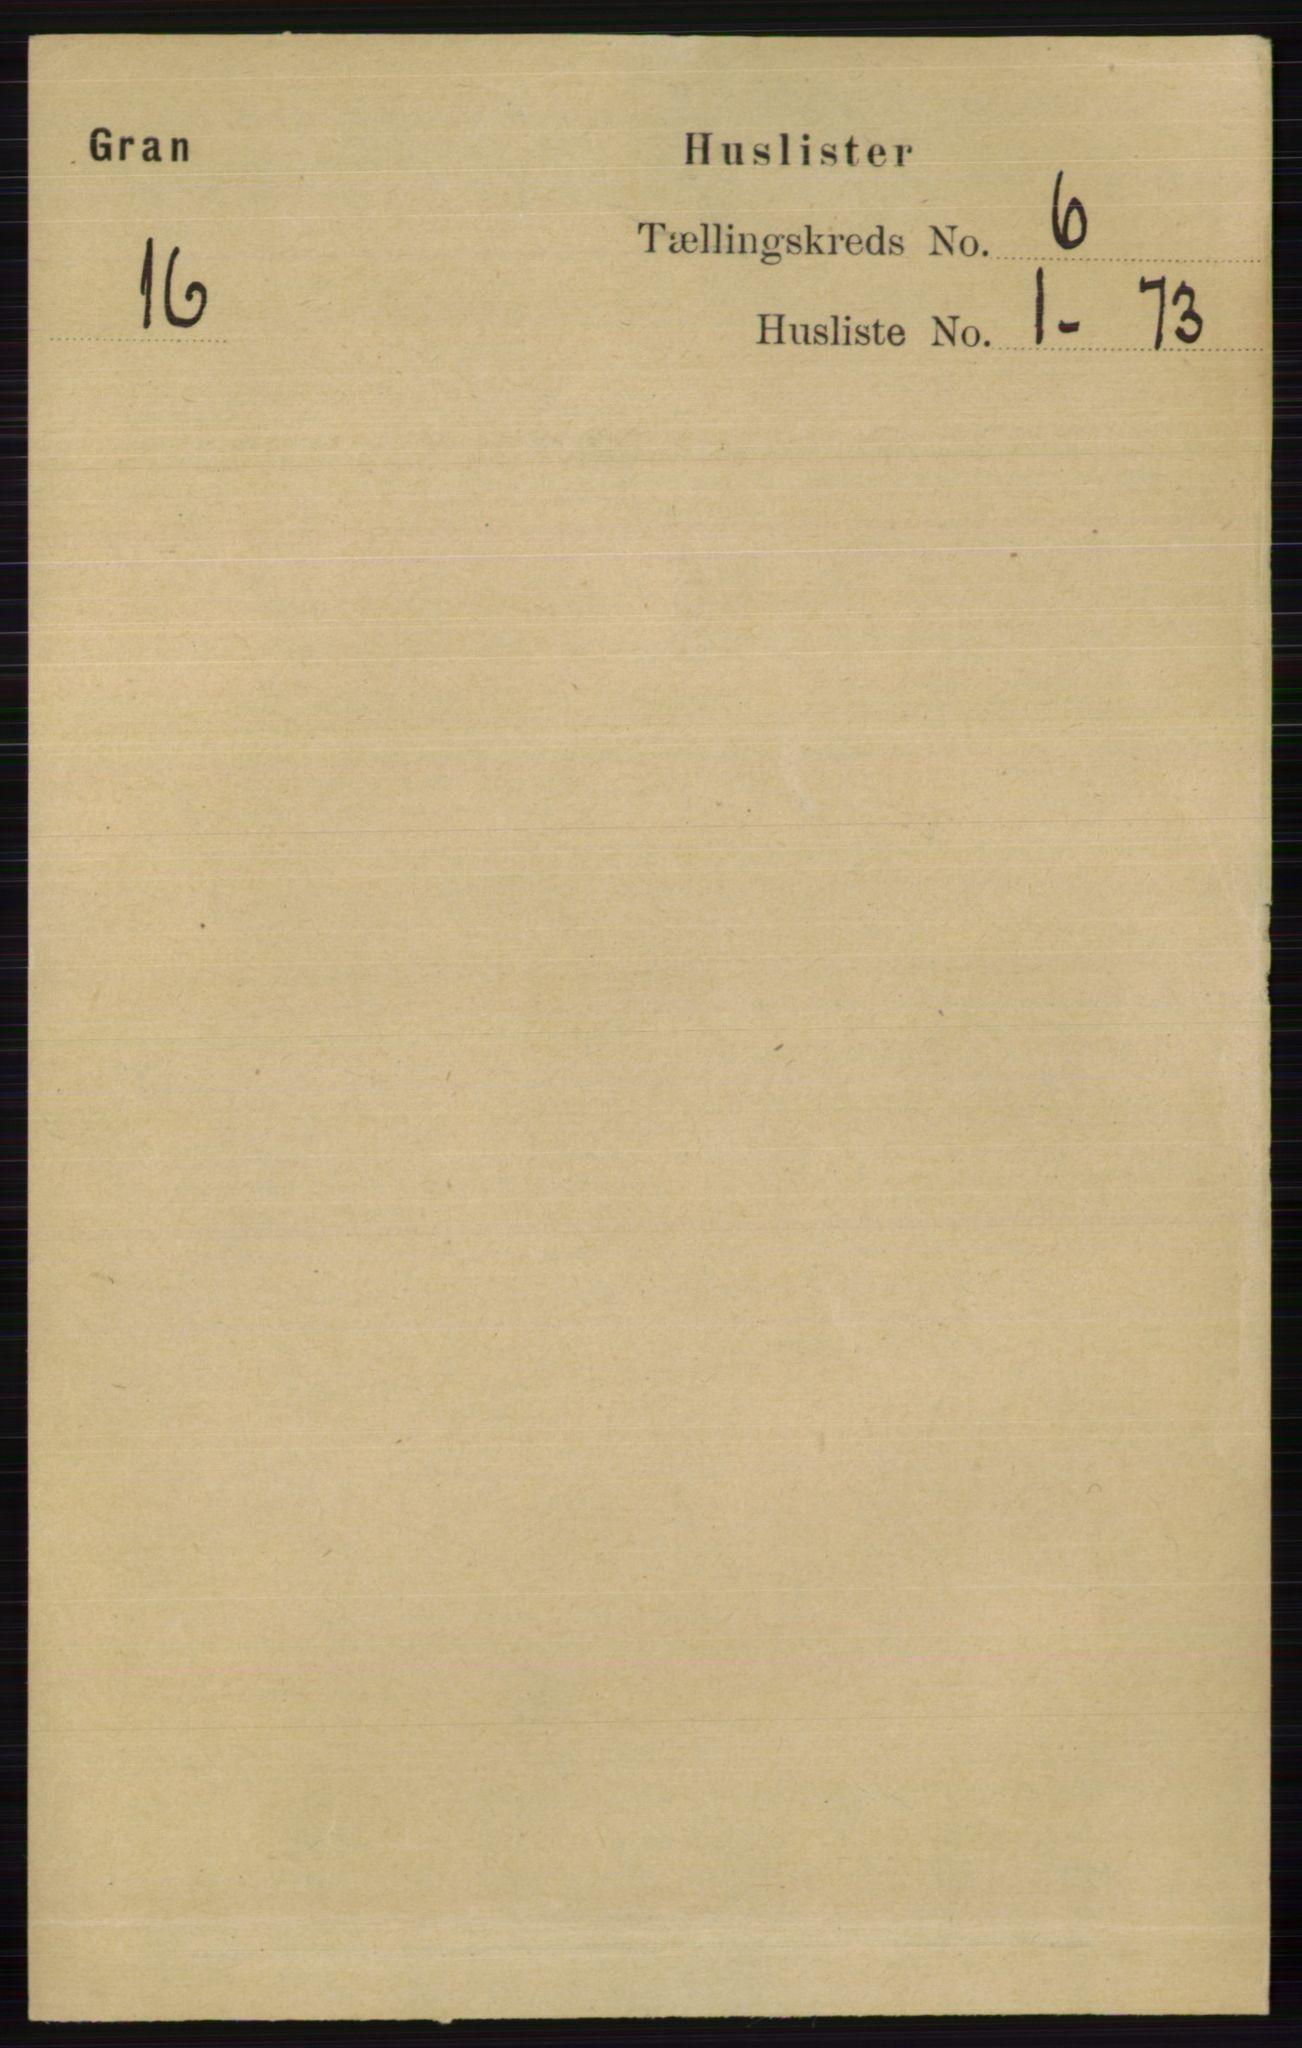 RA, Folketelling 1891 for 0534 Gran herred, 1891, s. 2153